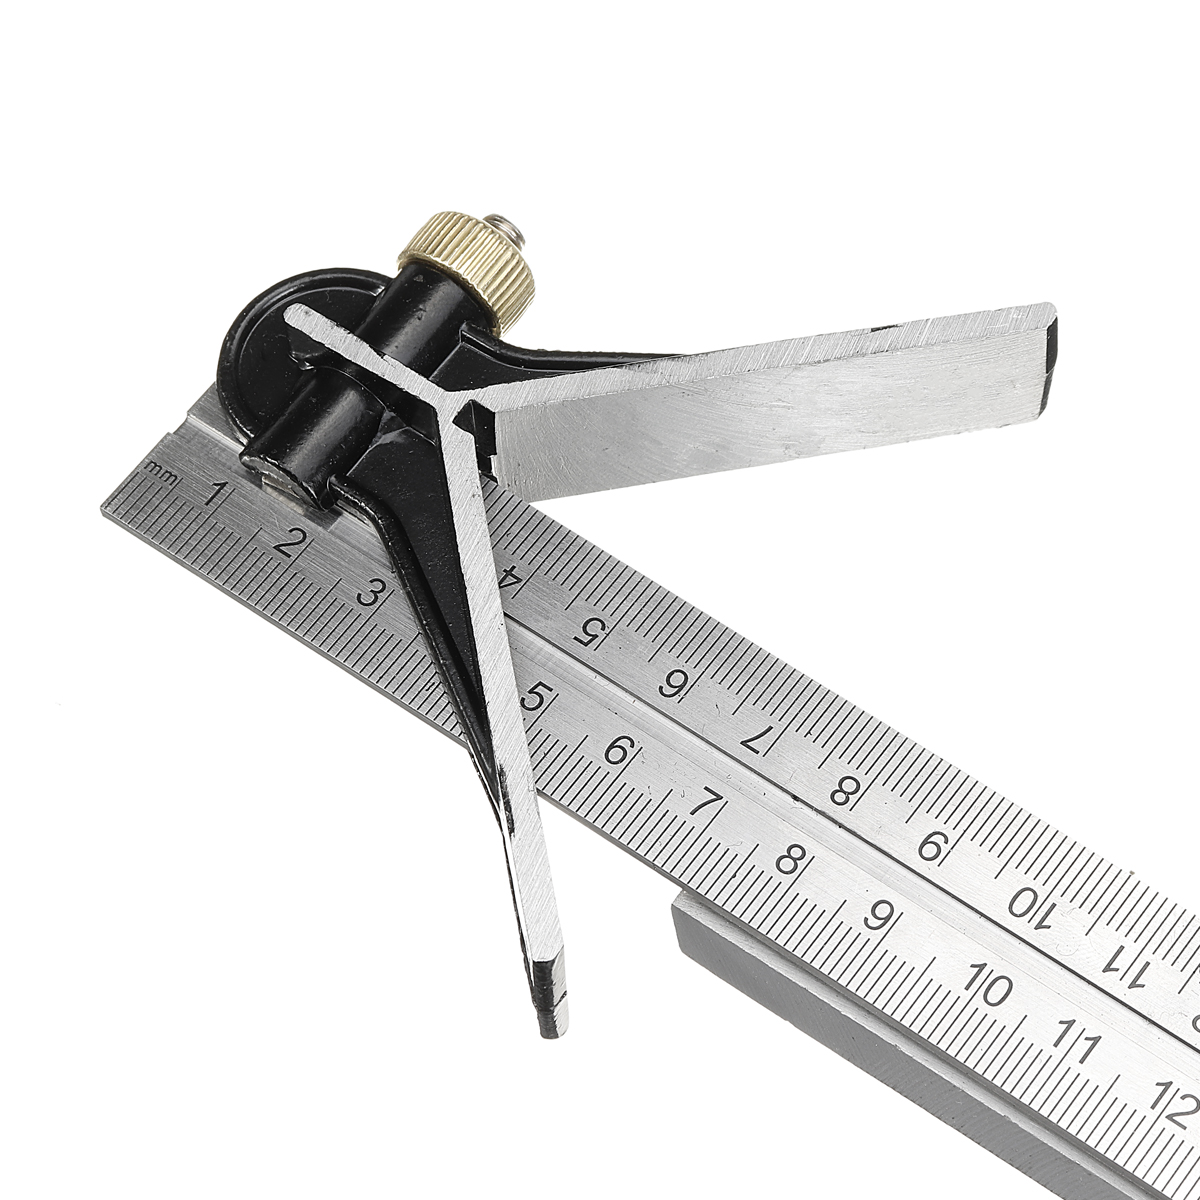 12 300mm Combination Square Protractor Level Measure